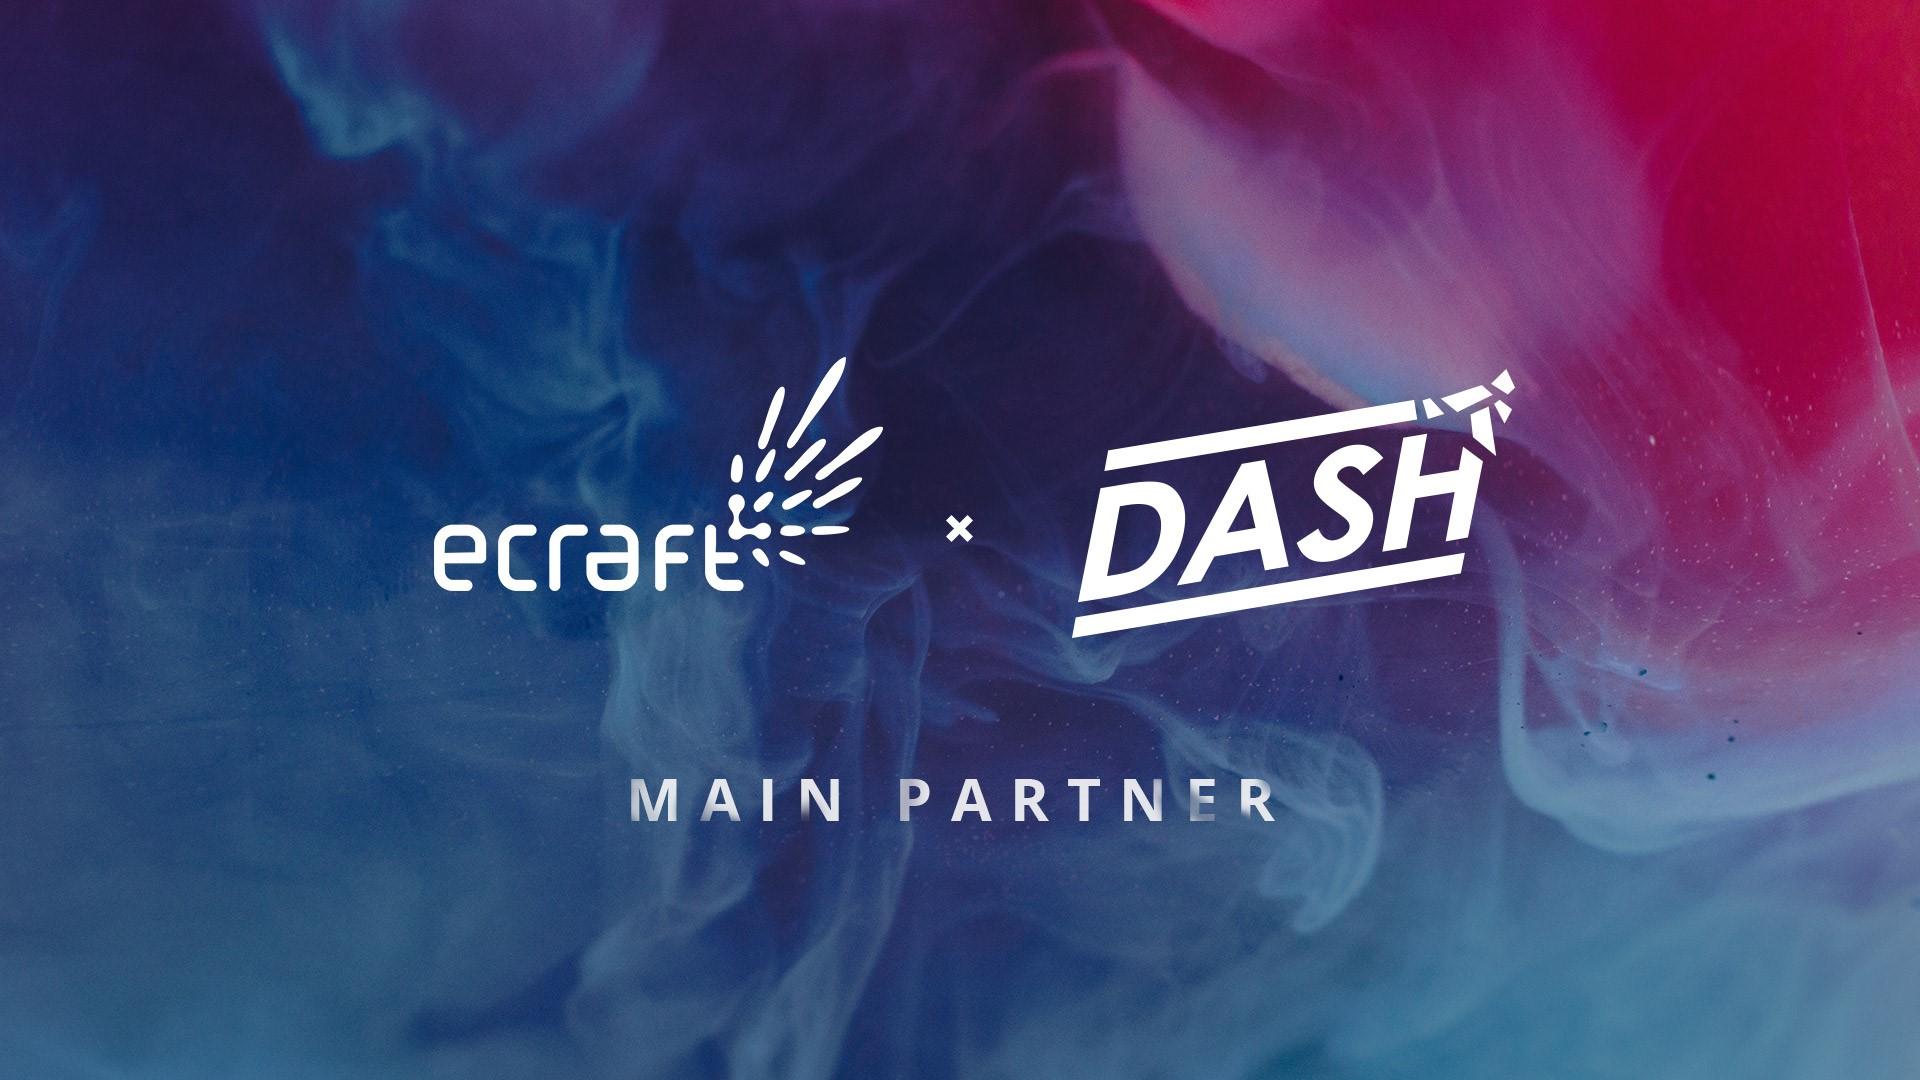 dash-partner (002).jpg